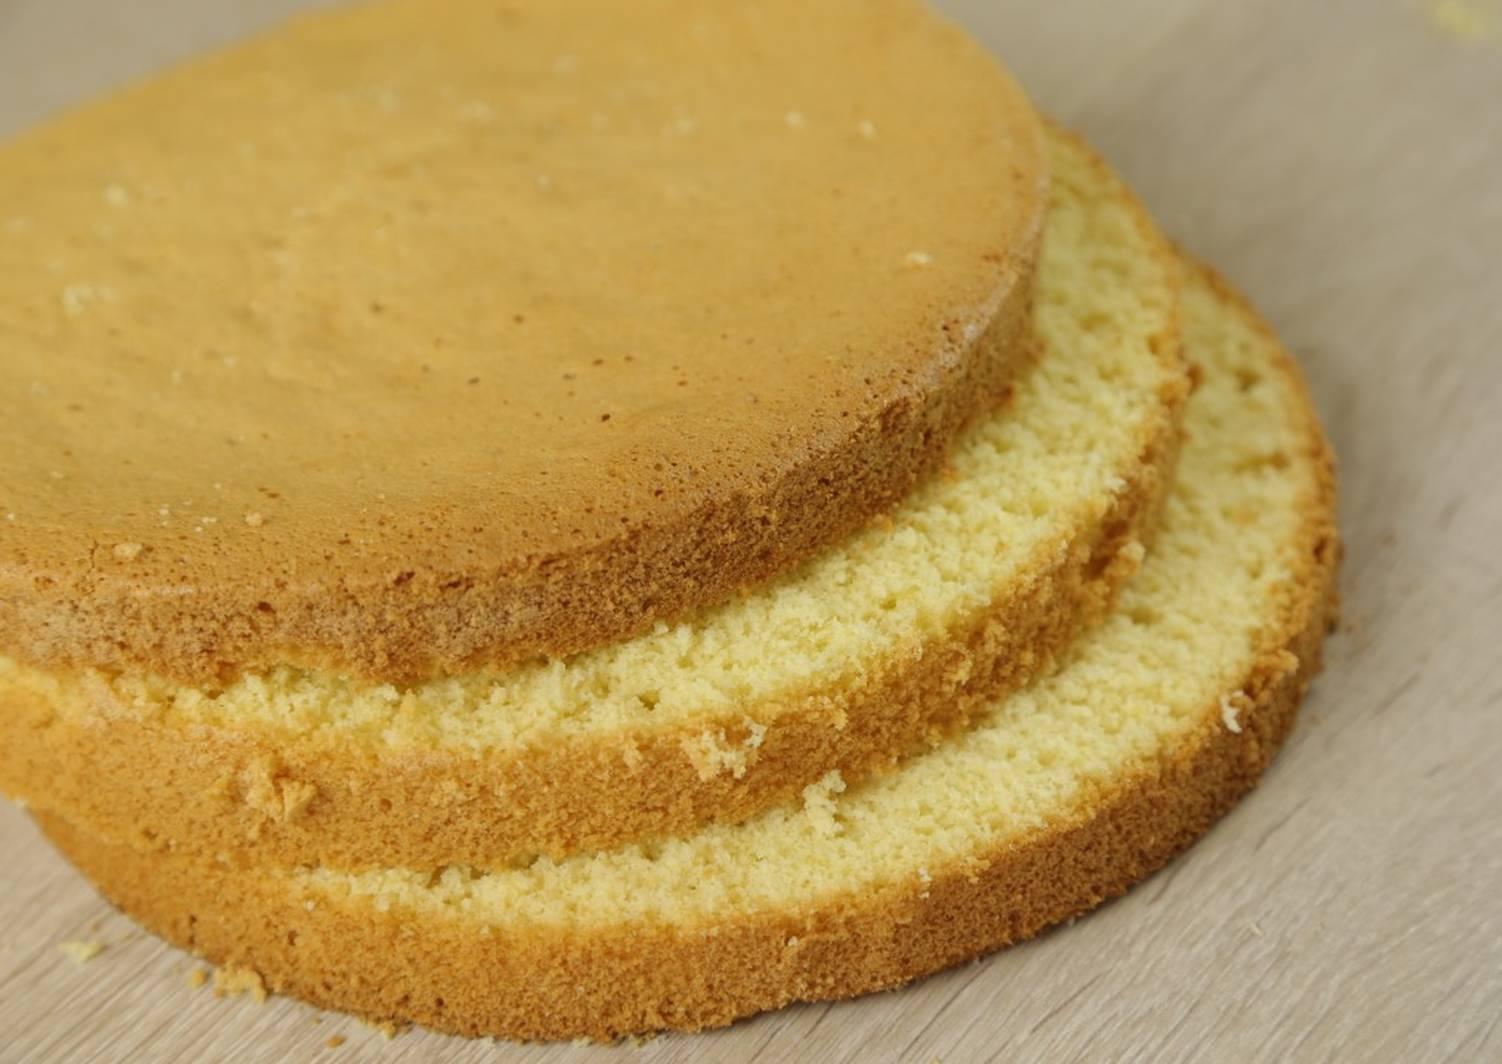 дальше виднелись самый нежный бисквит рецепт с фото портала должен